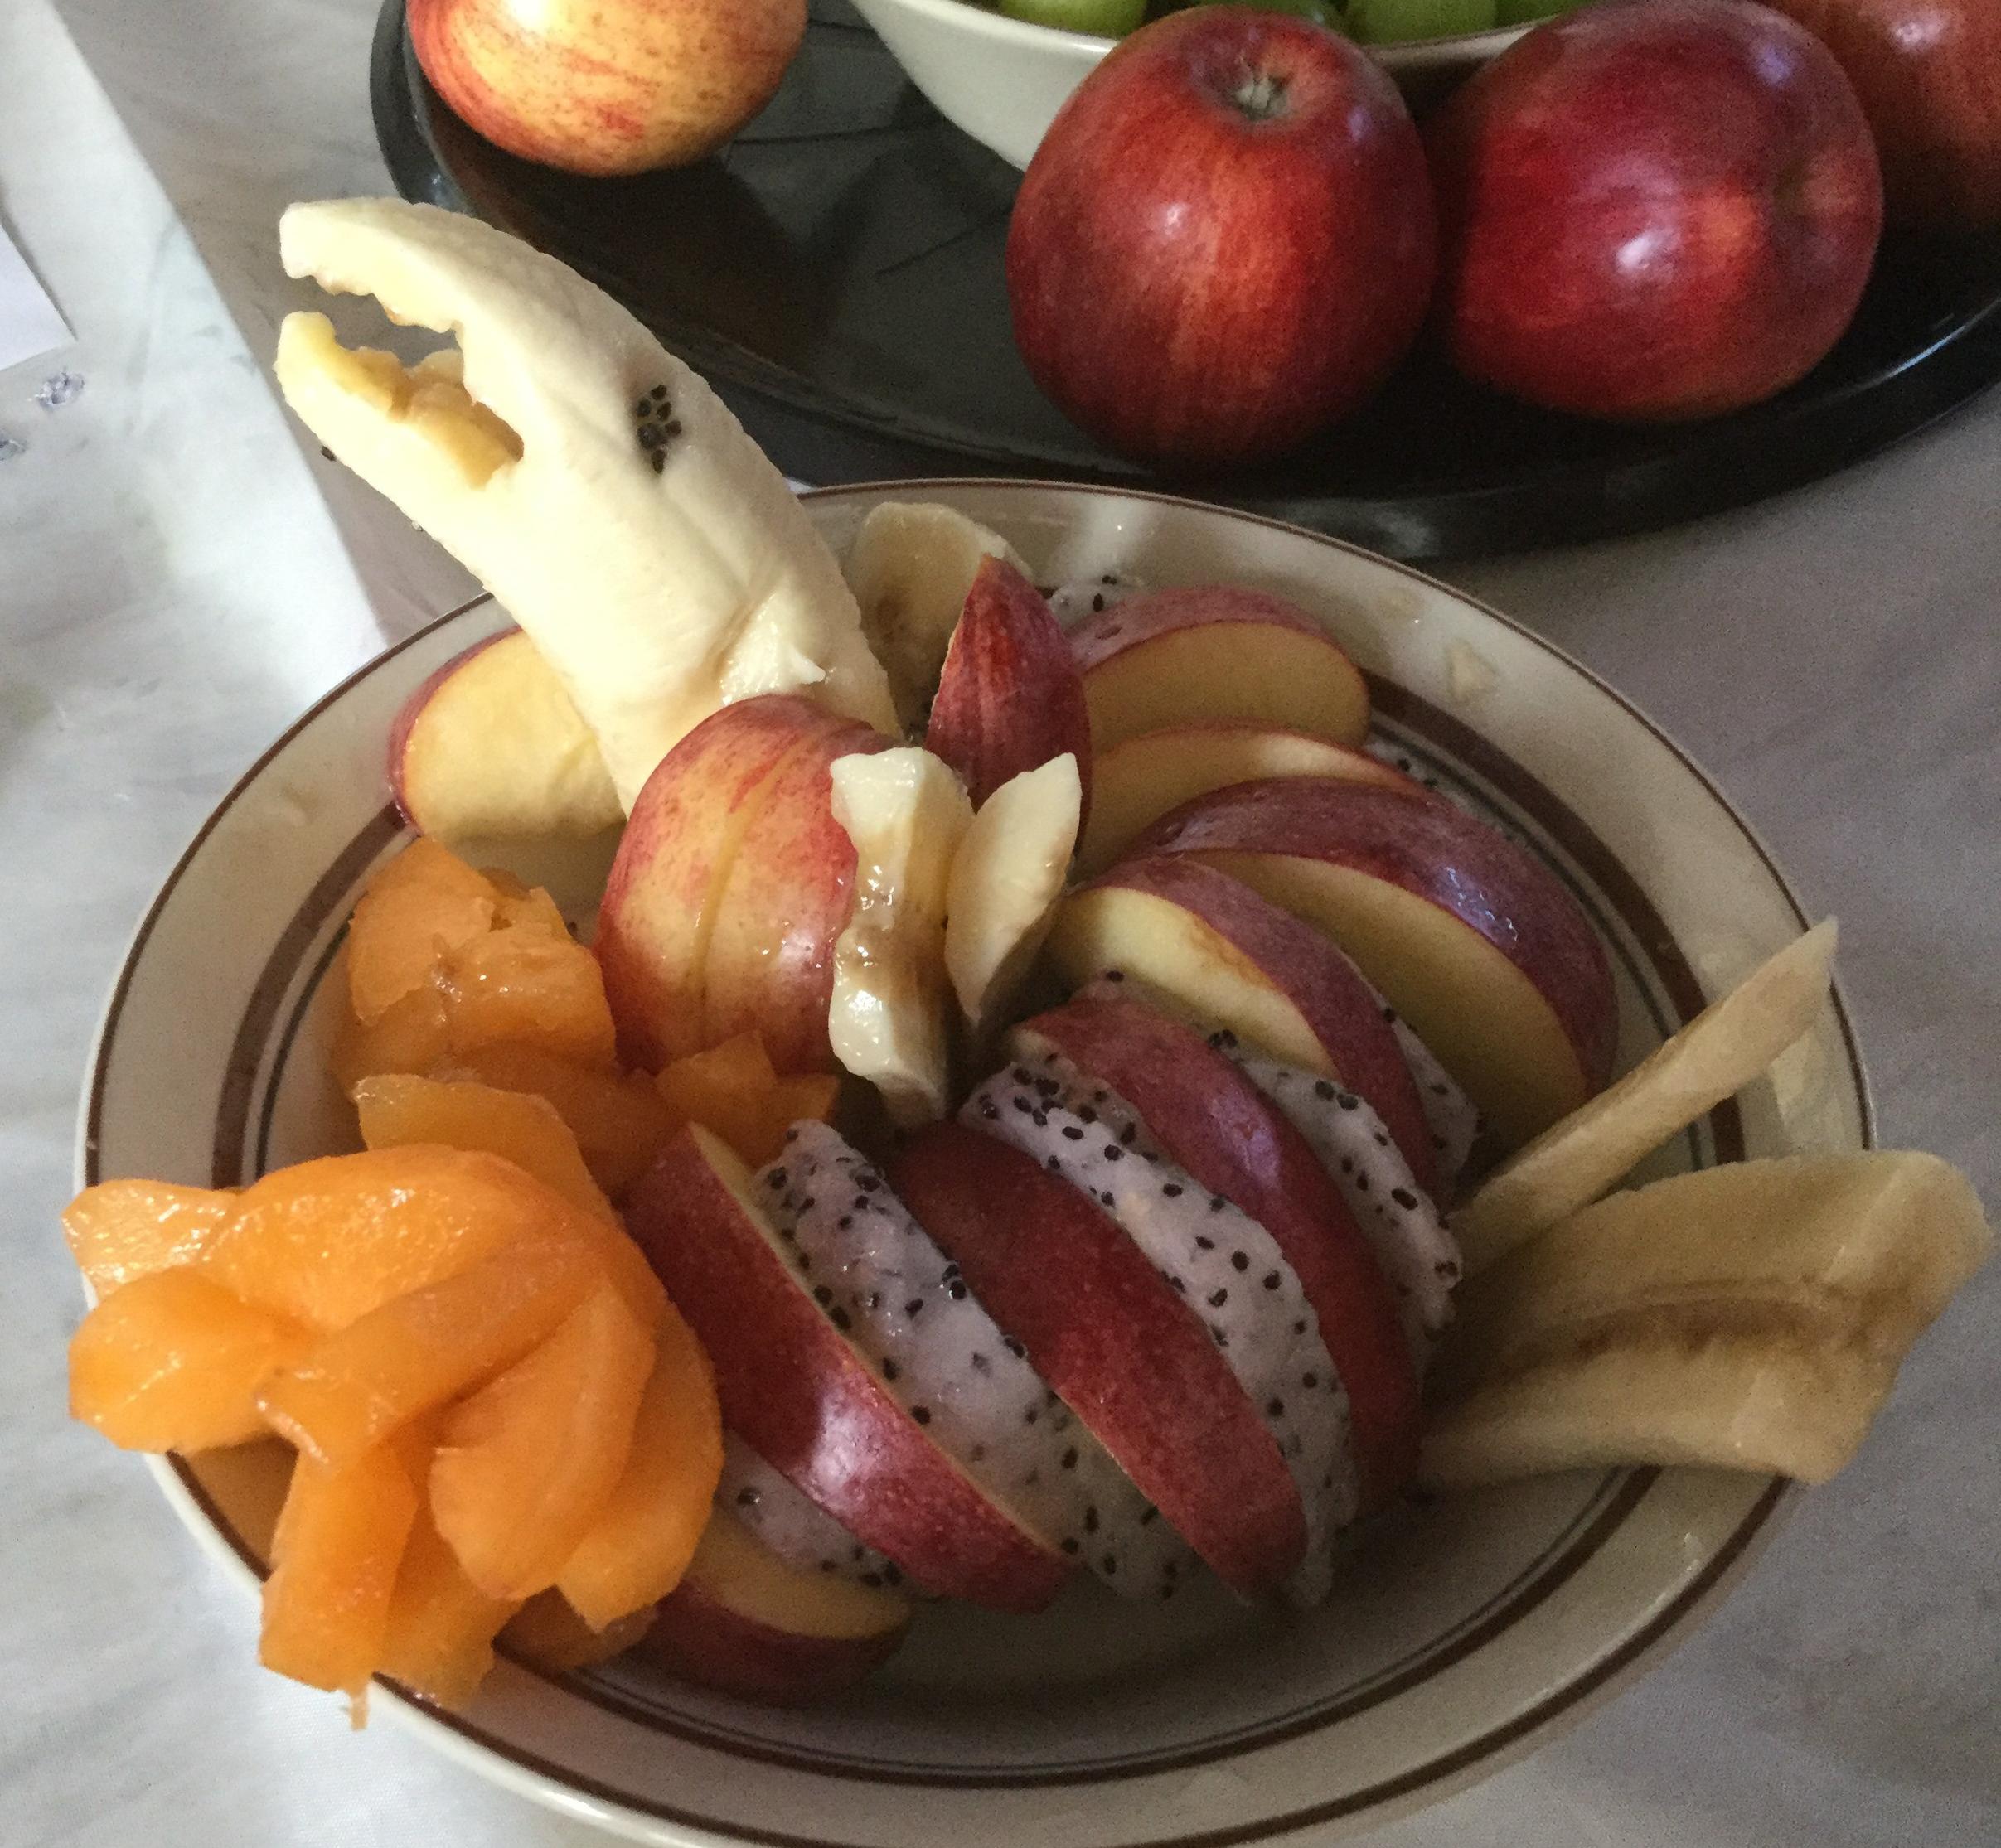 Eat Fruit After Food Poisoning